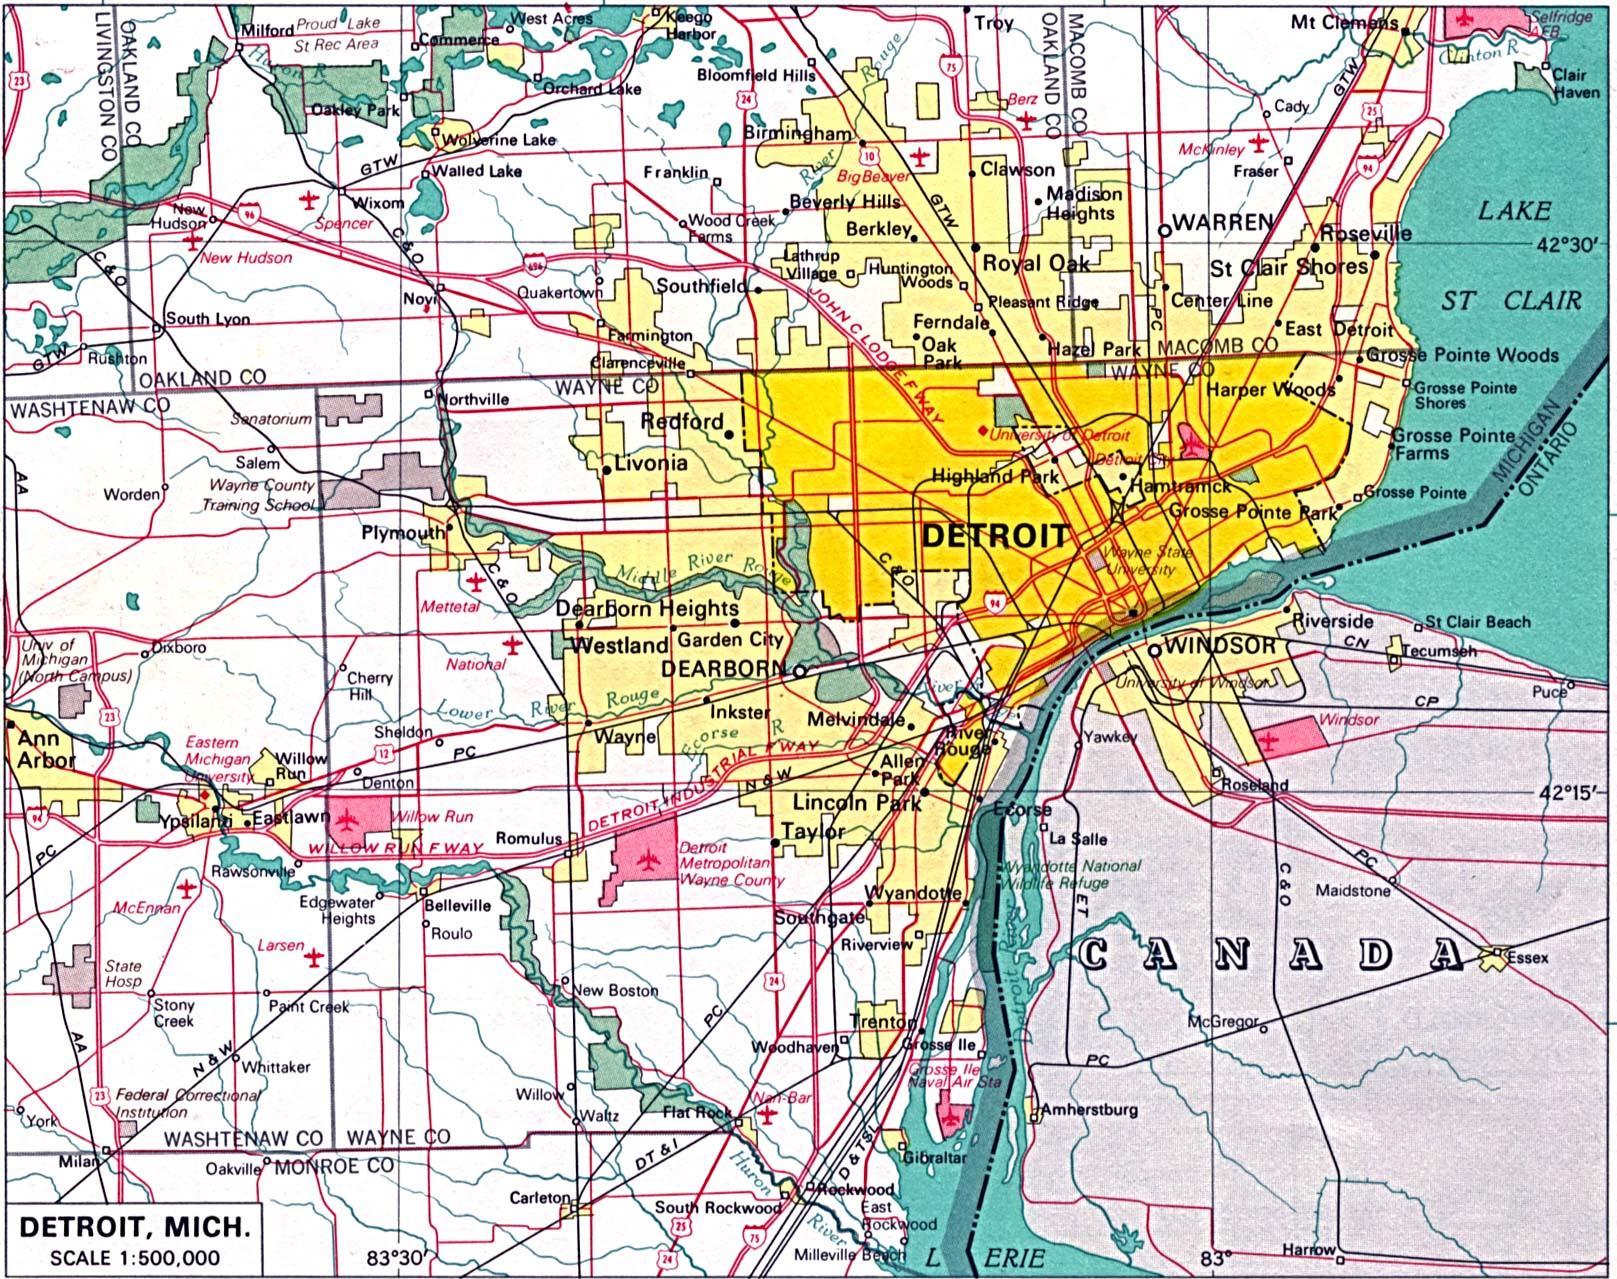 Harta e Detroit dhe periferi Periferi t Detroitit hart Michigan